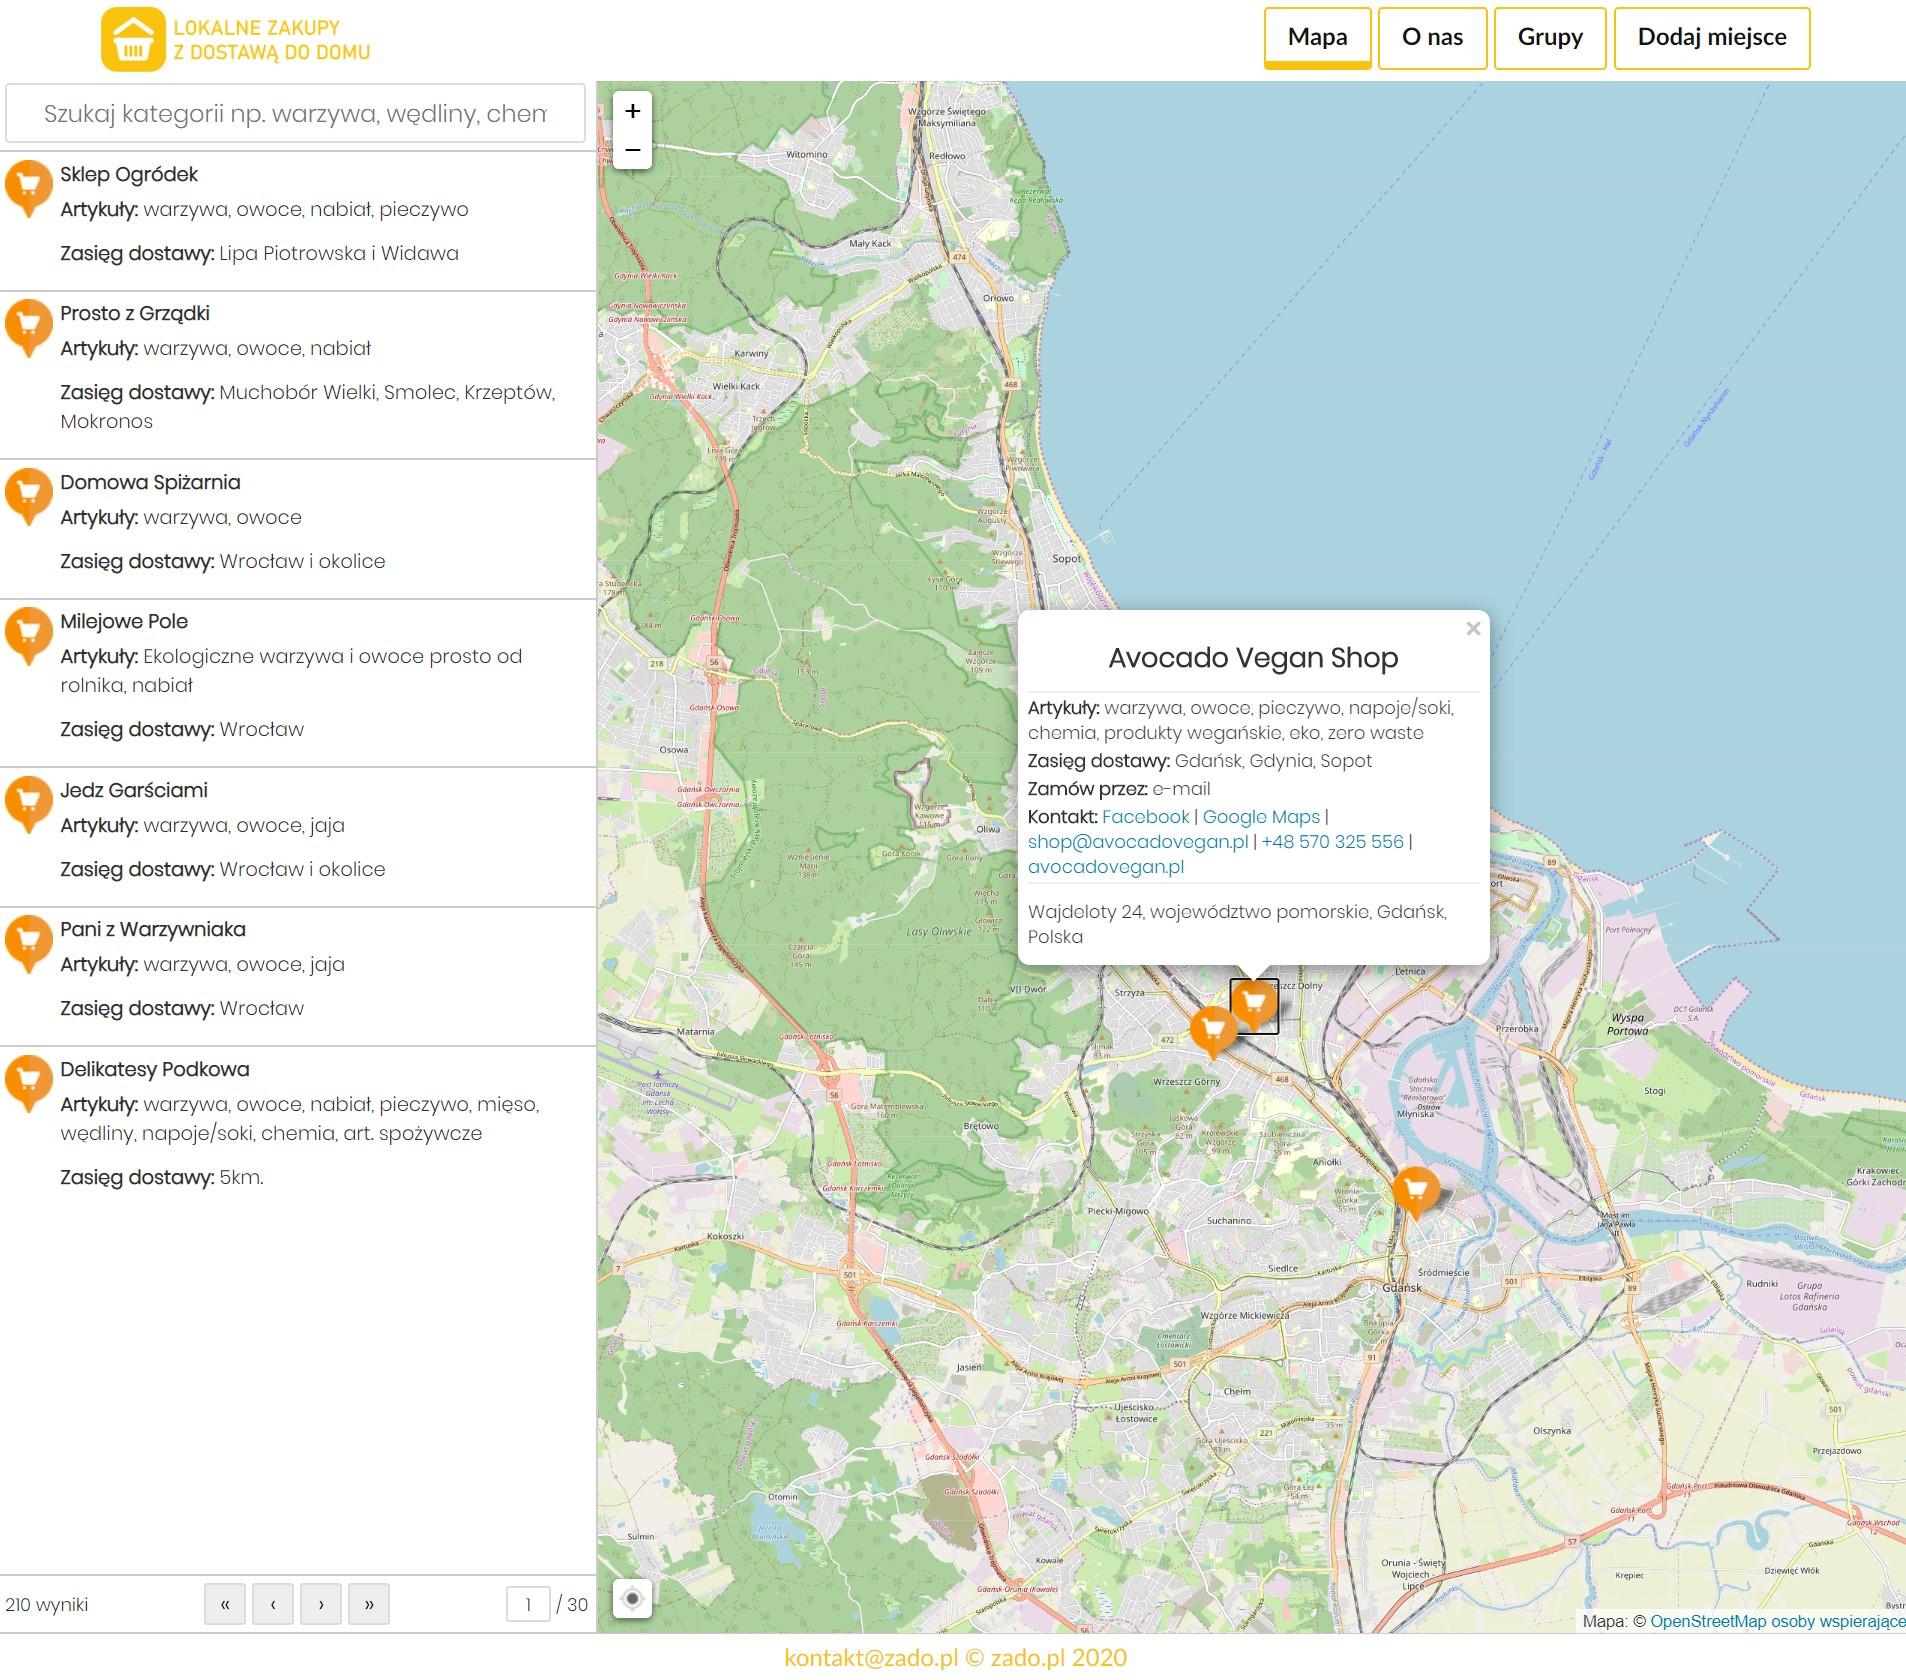 Zado - mapa sklepów oferujących zakupy z dowozem